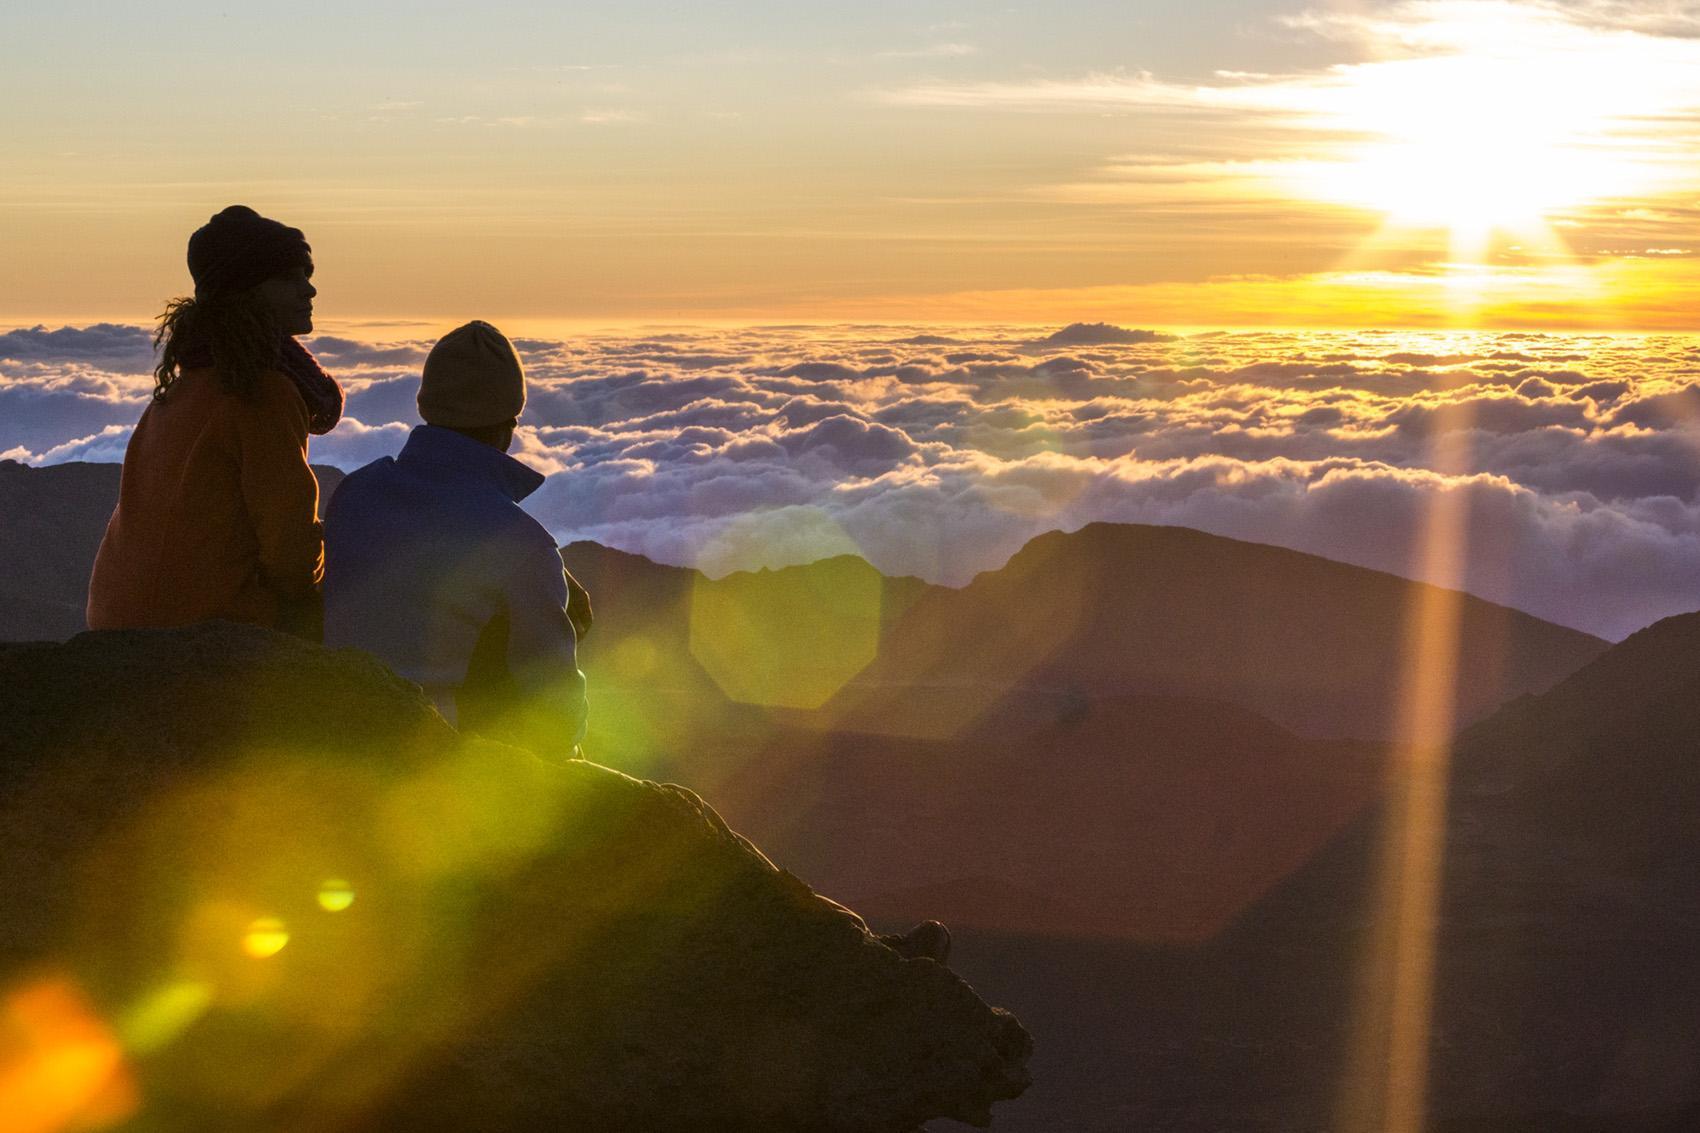 Sunrise from Haleakala on Maui